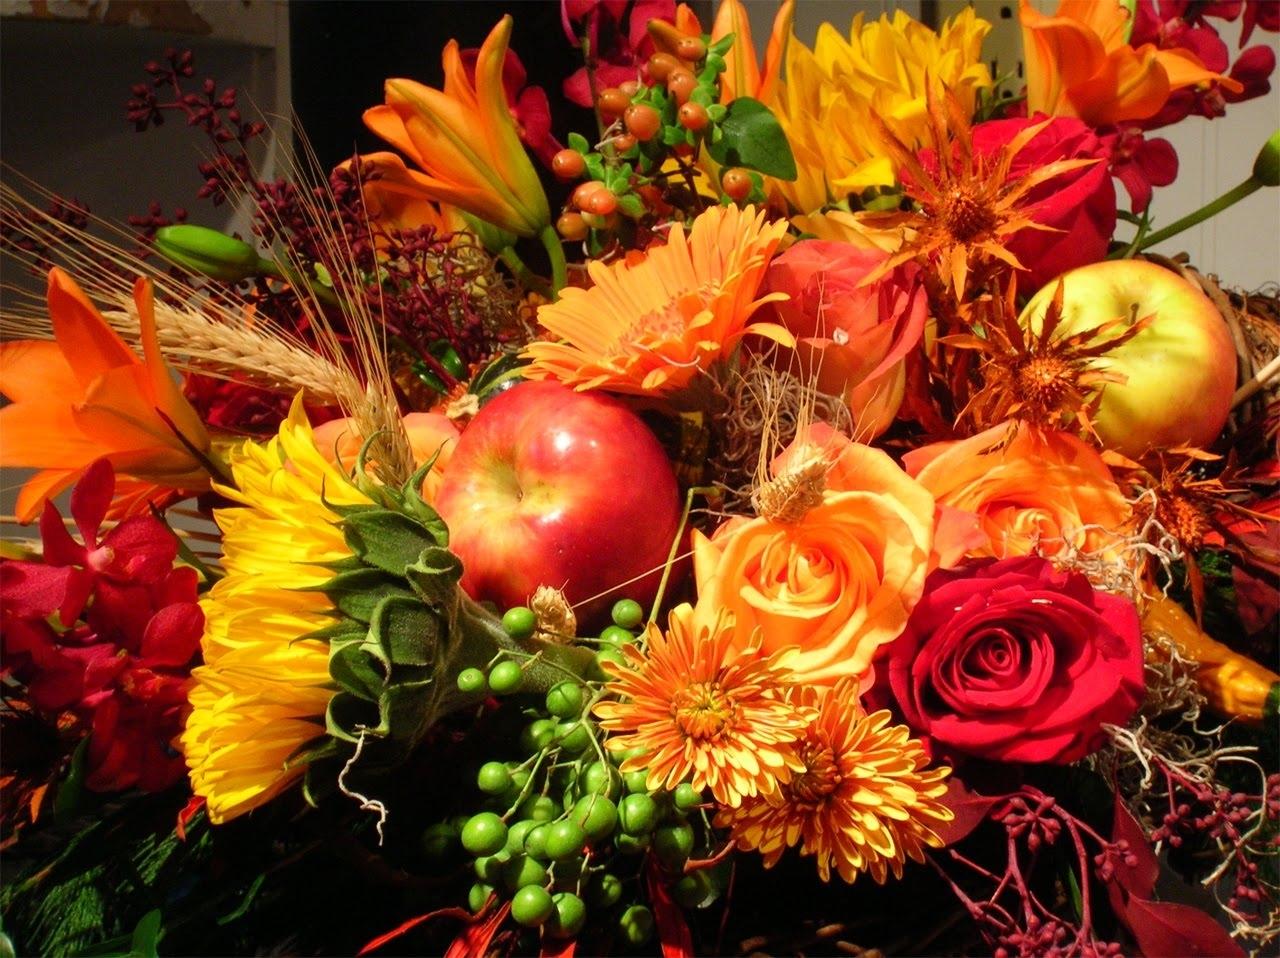 Beautiful fall flowers gallery flower wallpaper hd 10 new fall flowers desktop backgrounds full hd 1080p for pc background title desktop wallpaper beautiful izmirmasajfo